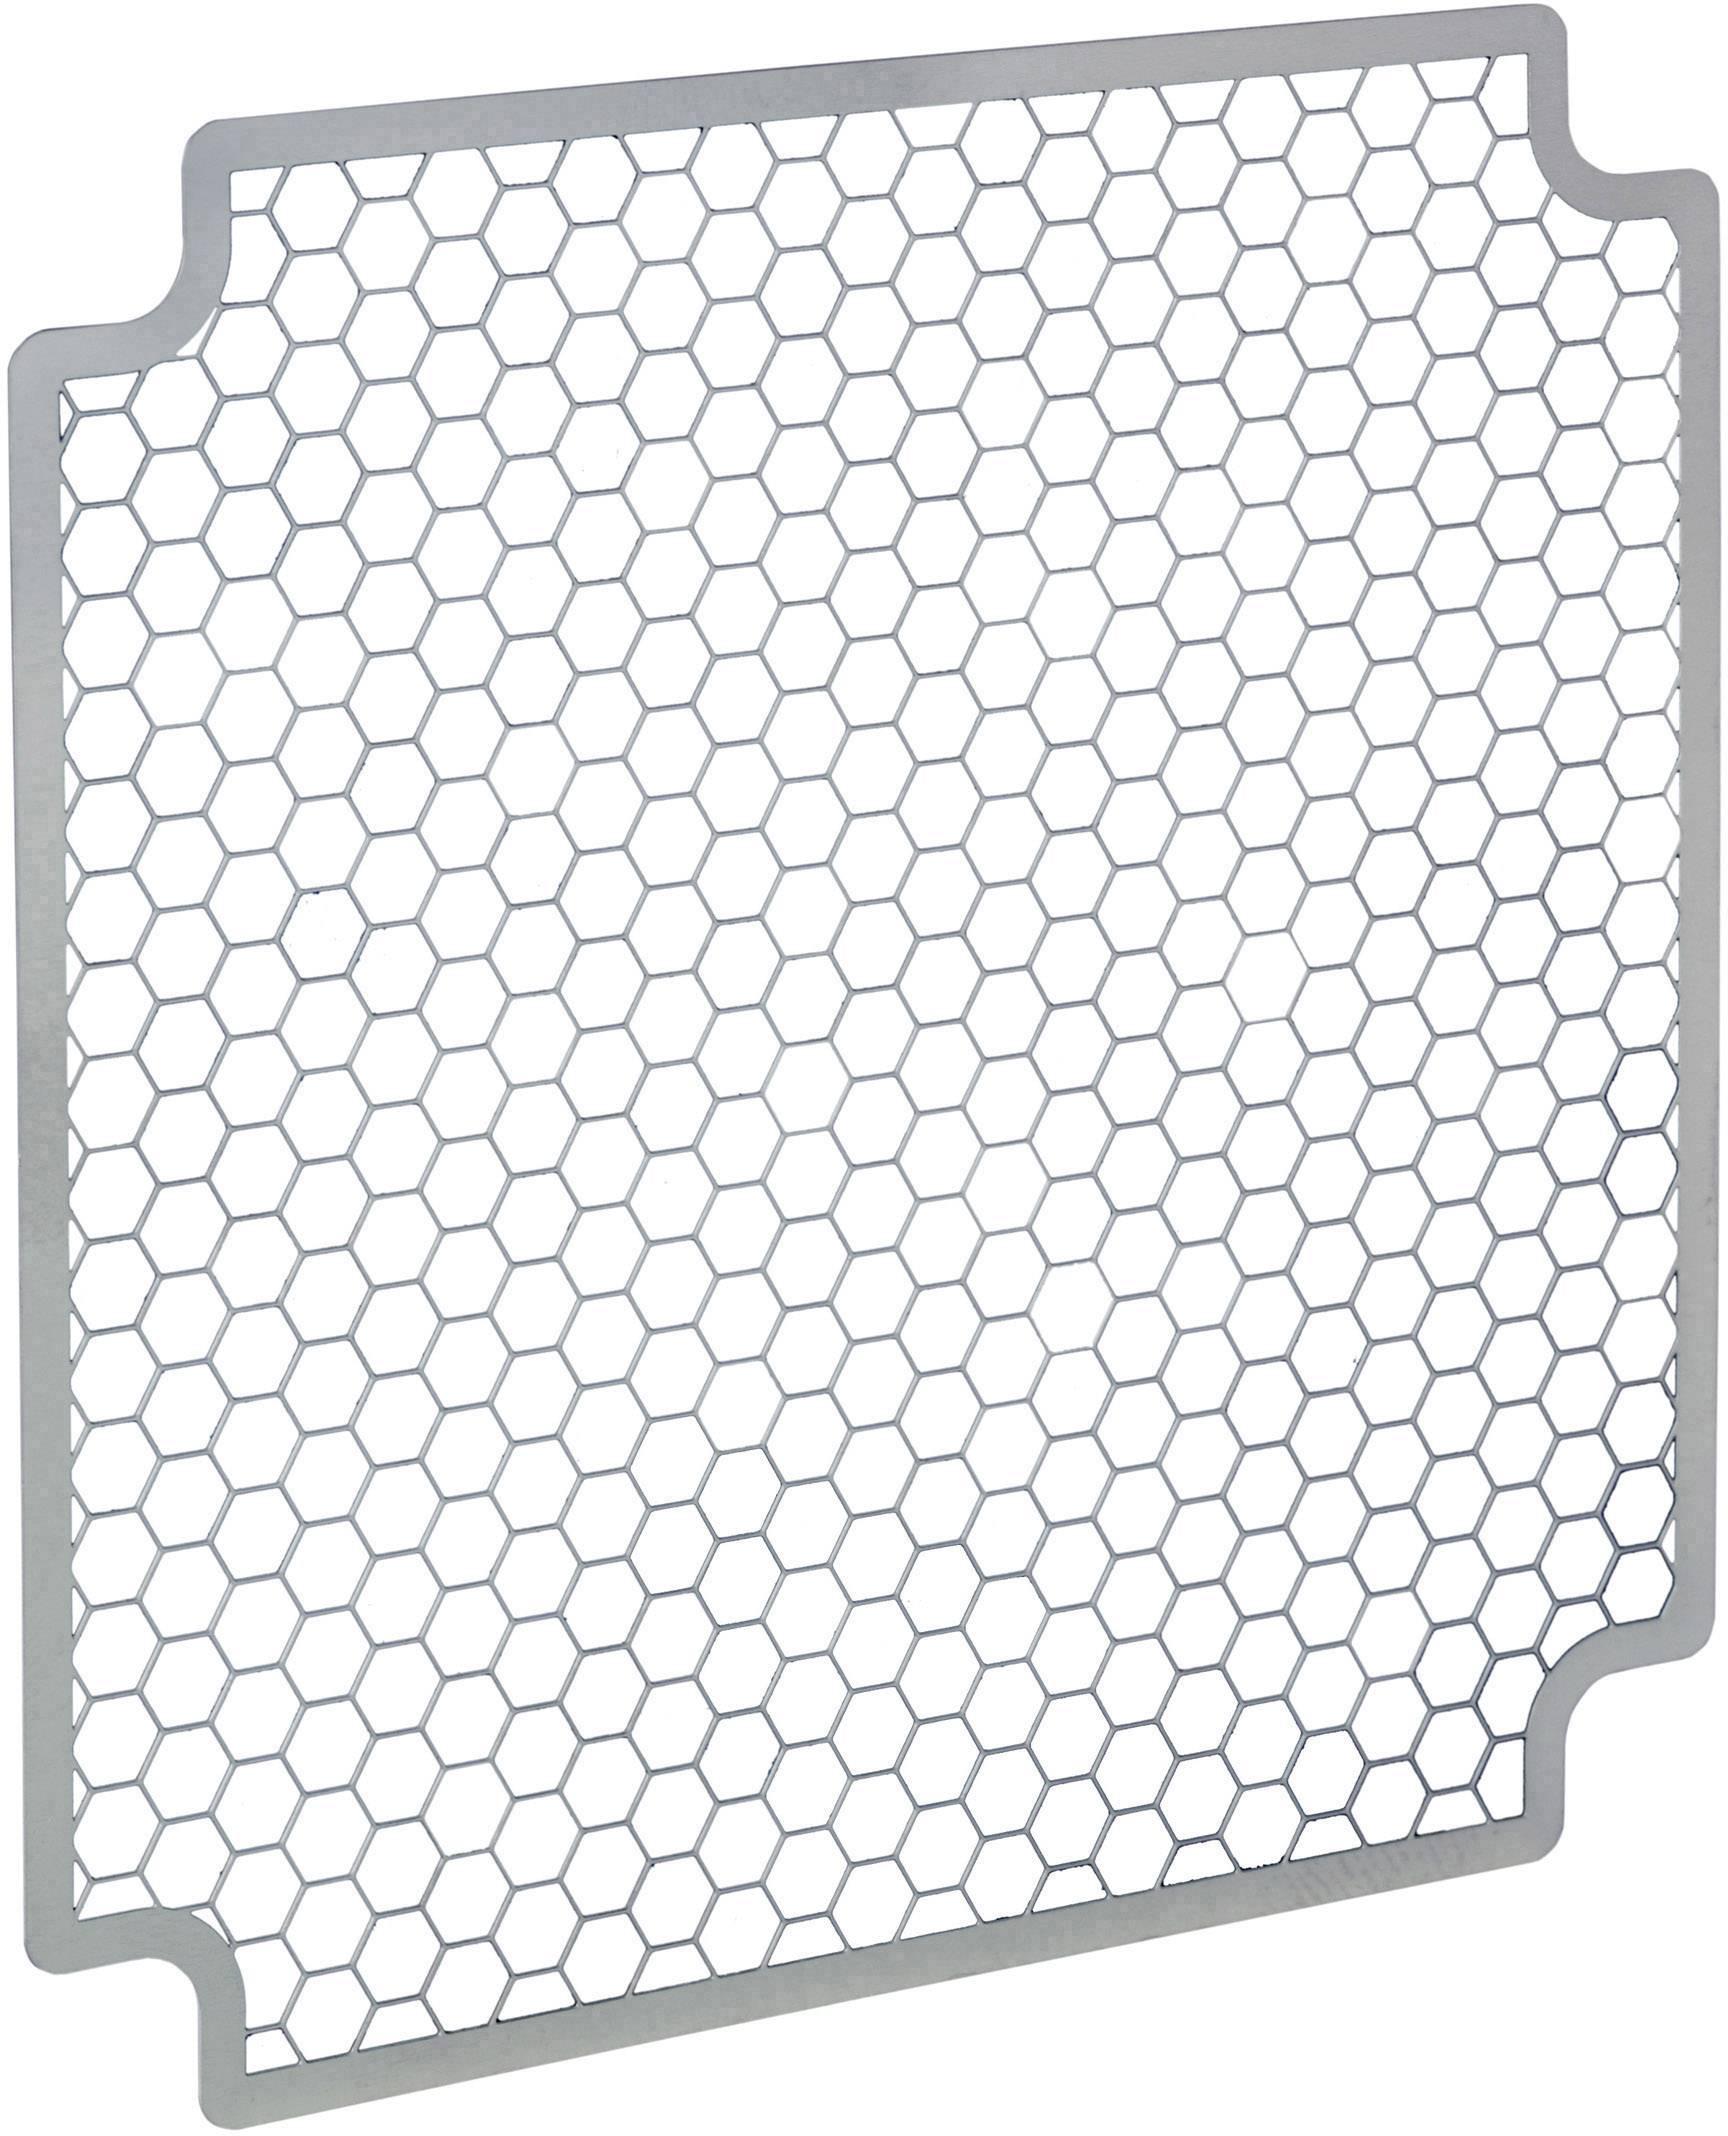 EMC stínicí mřížka SEPA;931210301, (š x v x h) 121 x 0.5 x 121 mm, 1 ks, nerezová ocel